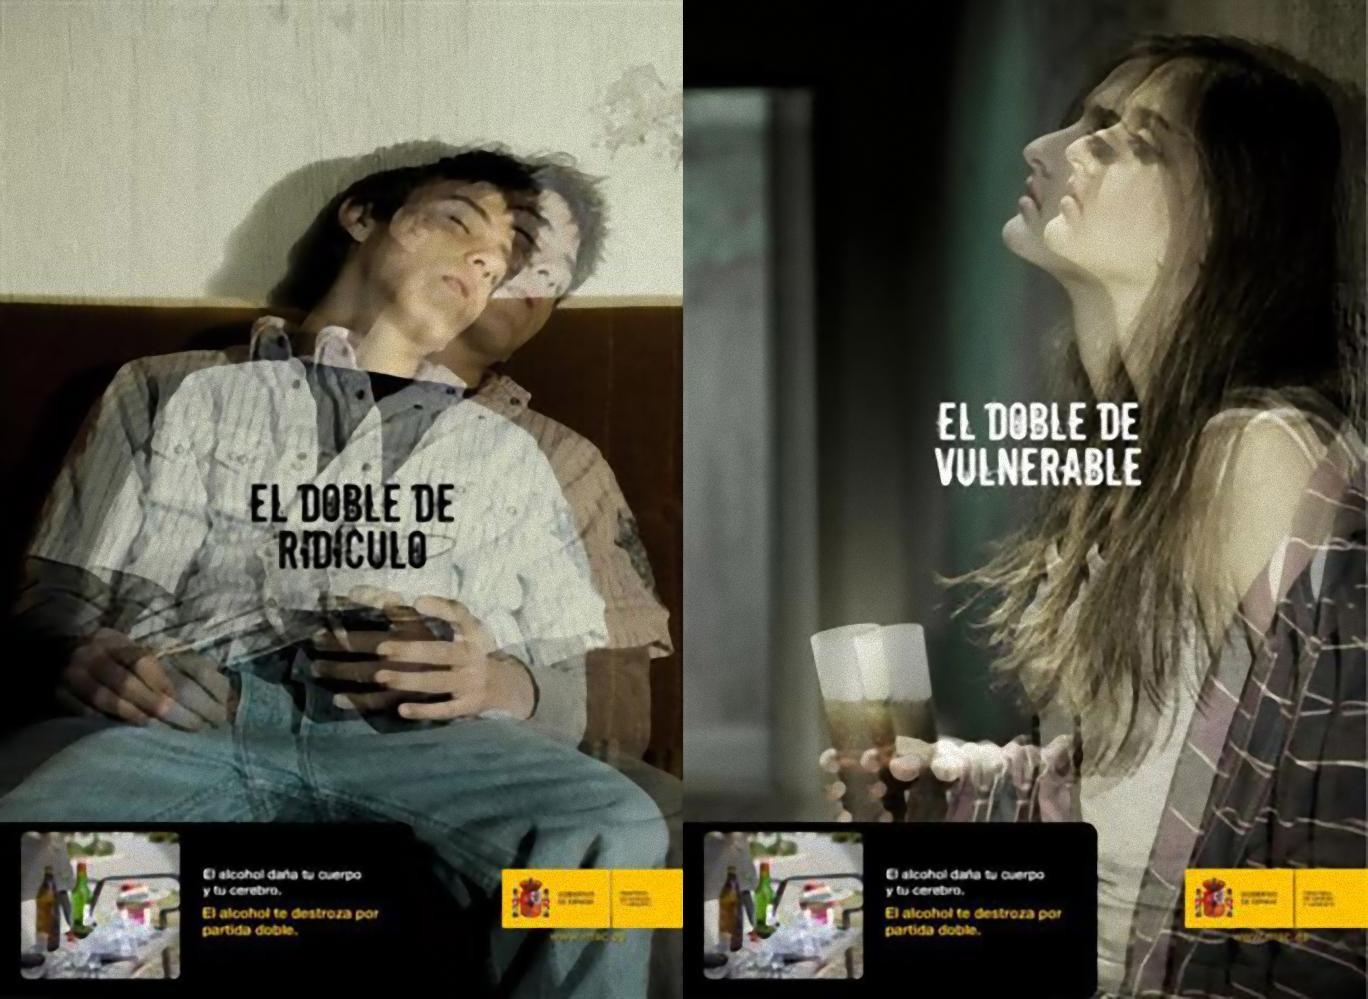 Campañas 2007- Alcohol y menores. El alcohol te destroza por partida doble